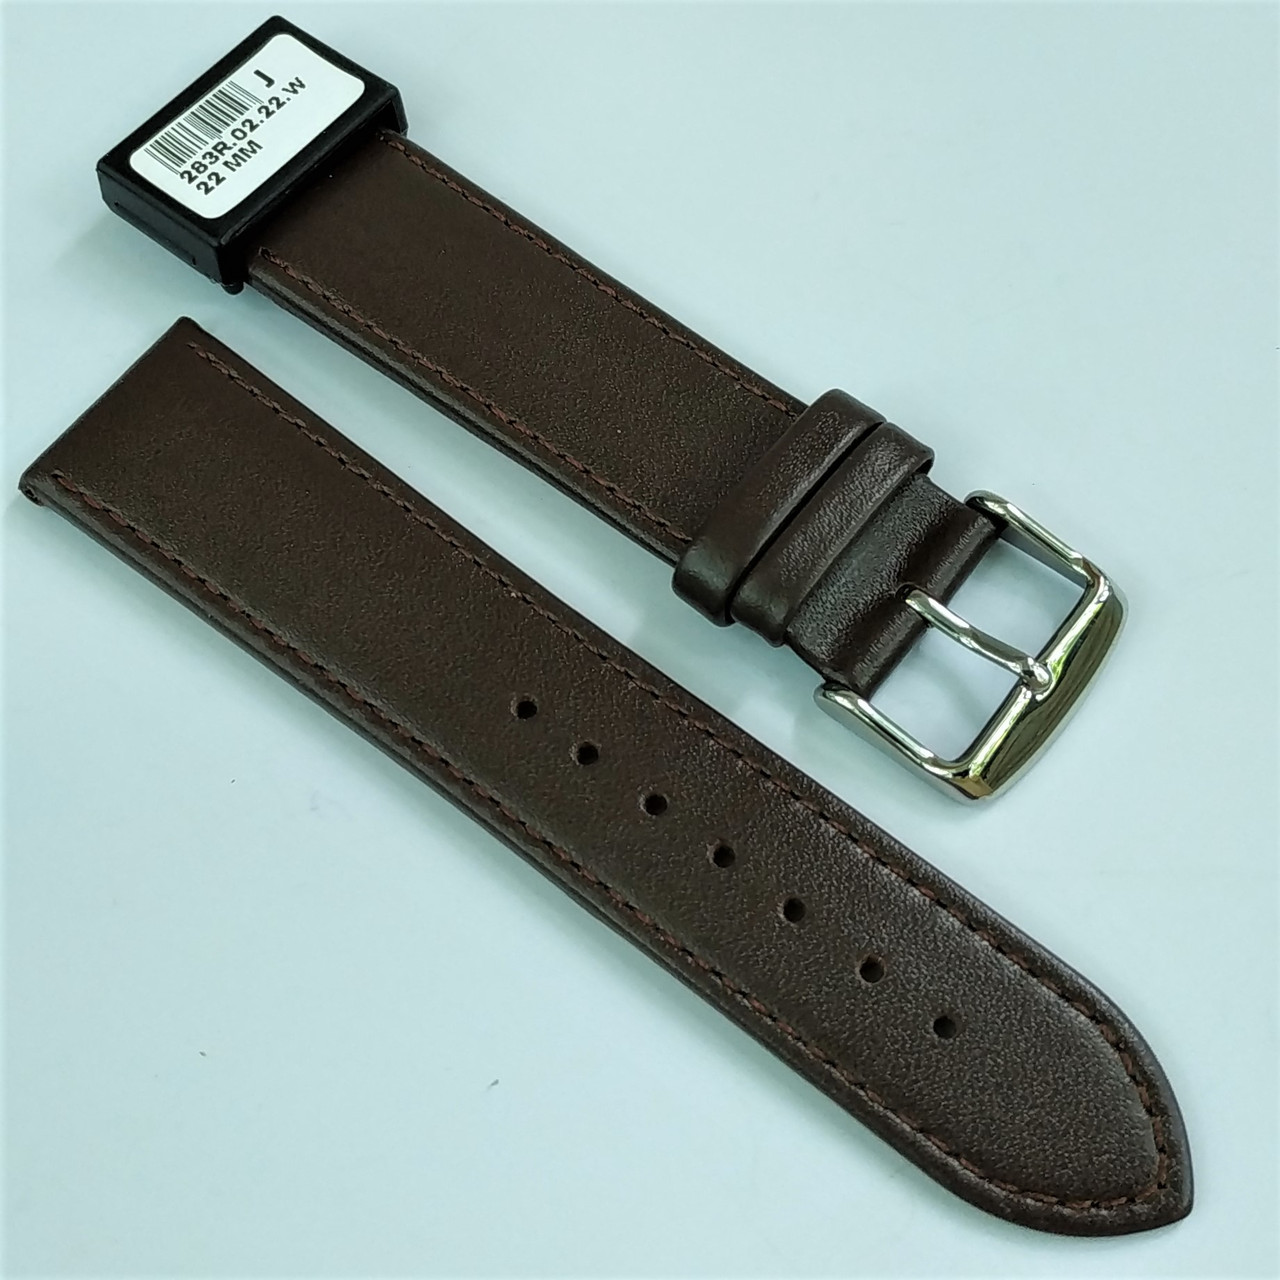 22 мм Кожаный Ремешок для часов CONDOR 283.22.02 Коричневый Ремешок на часы из Натуральной кожи